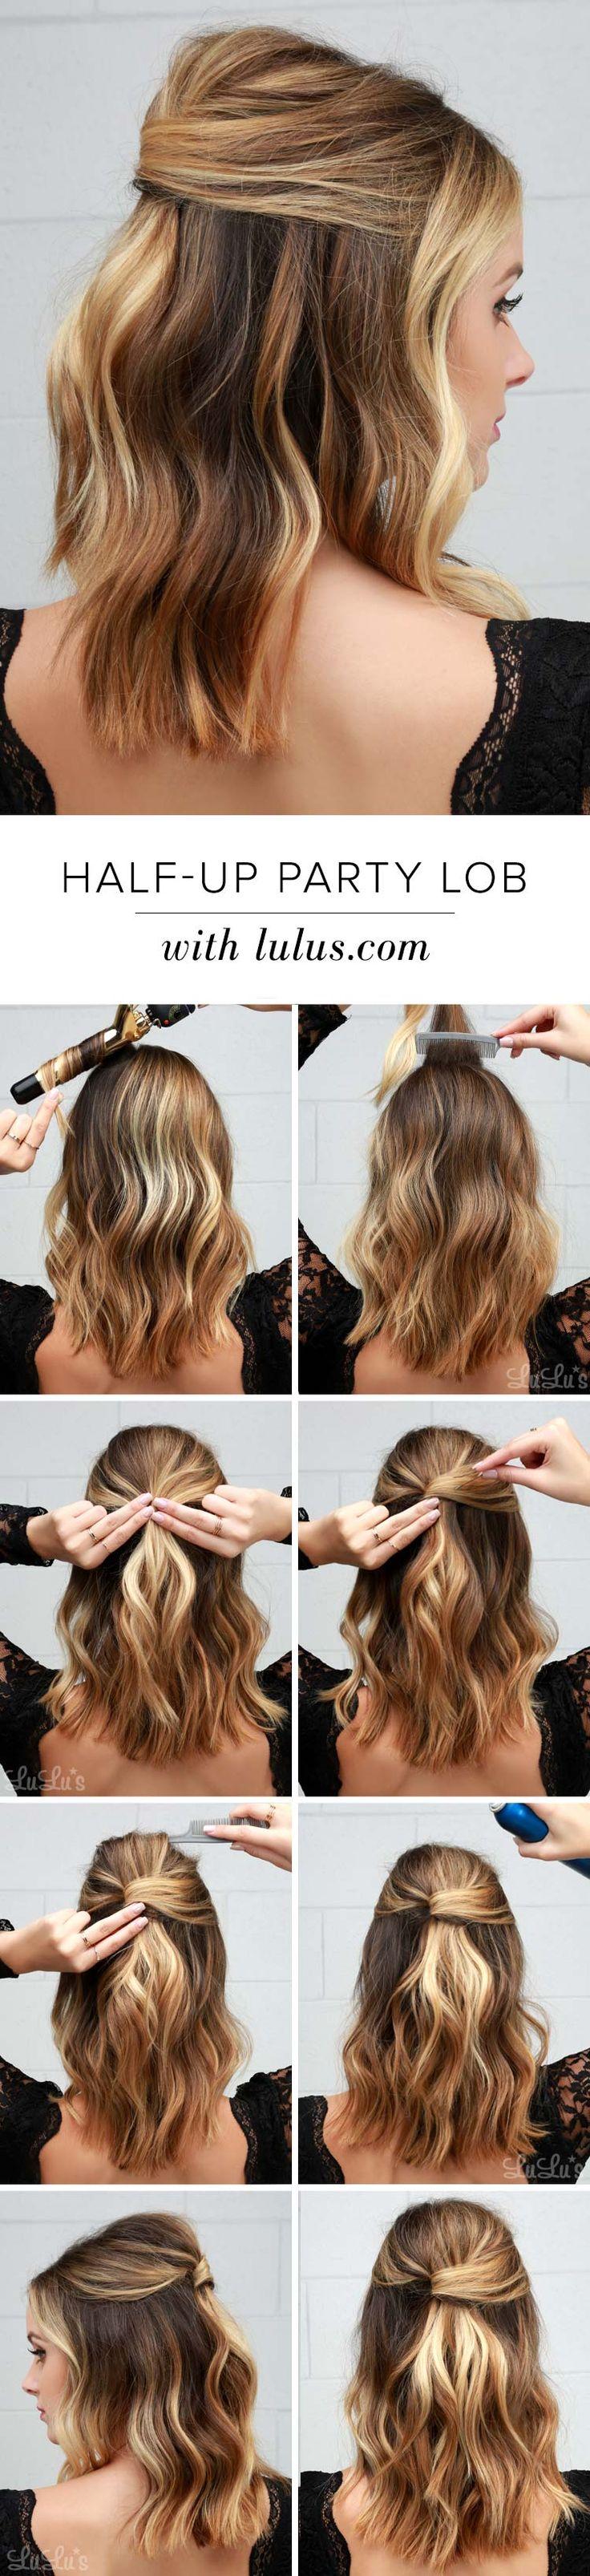 540 best hair images on Pinterest